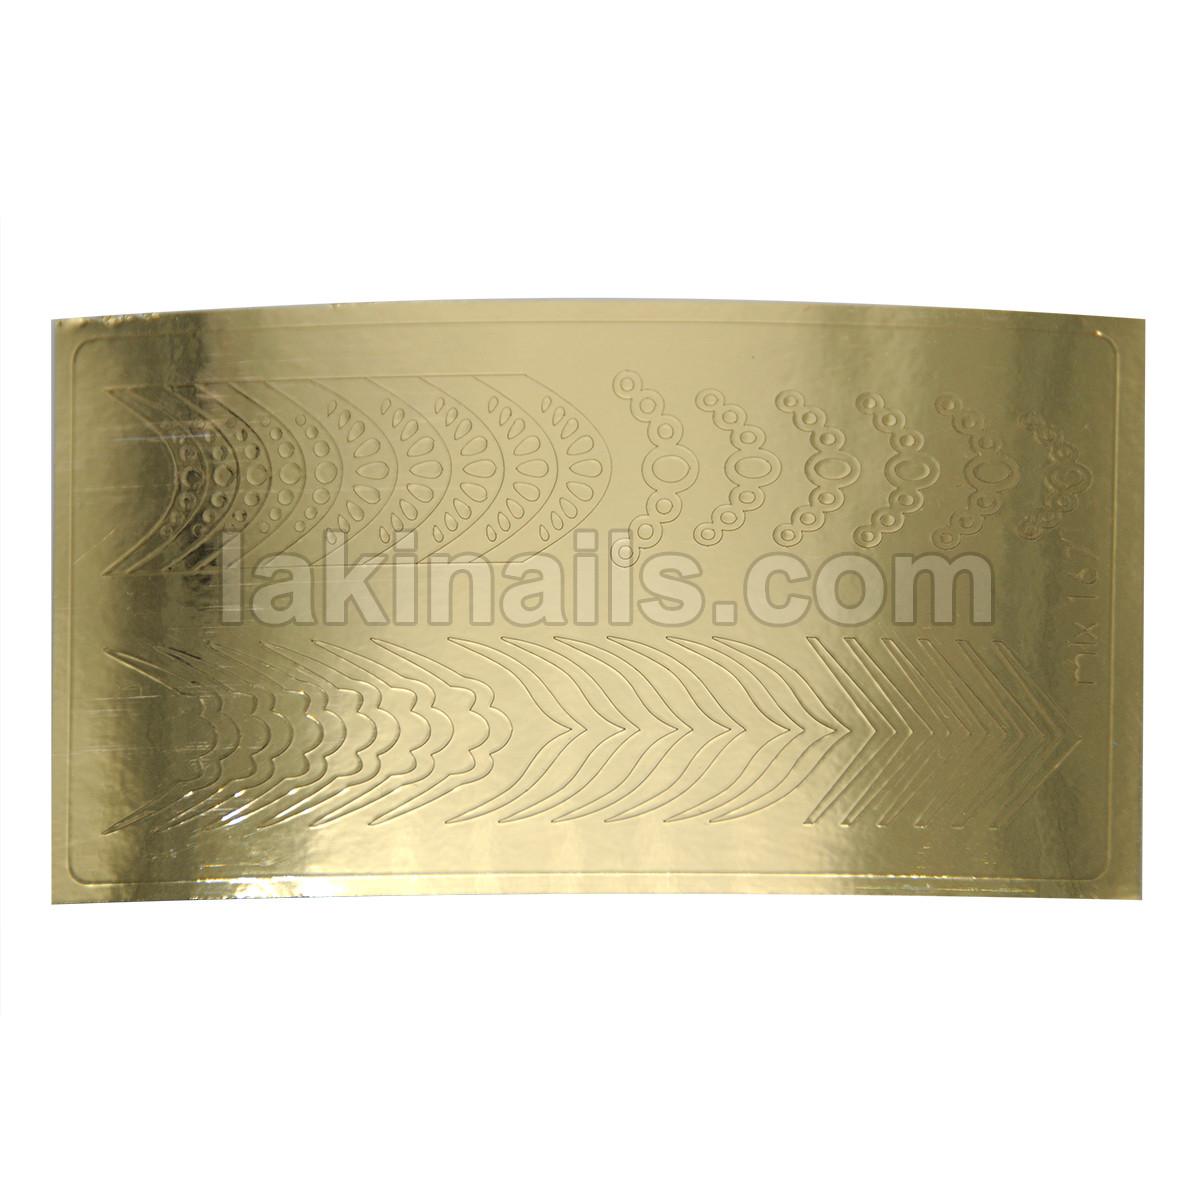 Металлизированные наклейки, золото, 167G